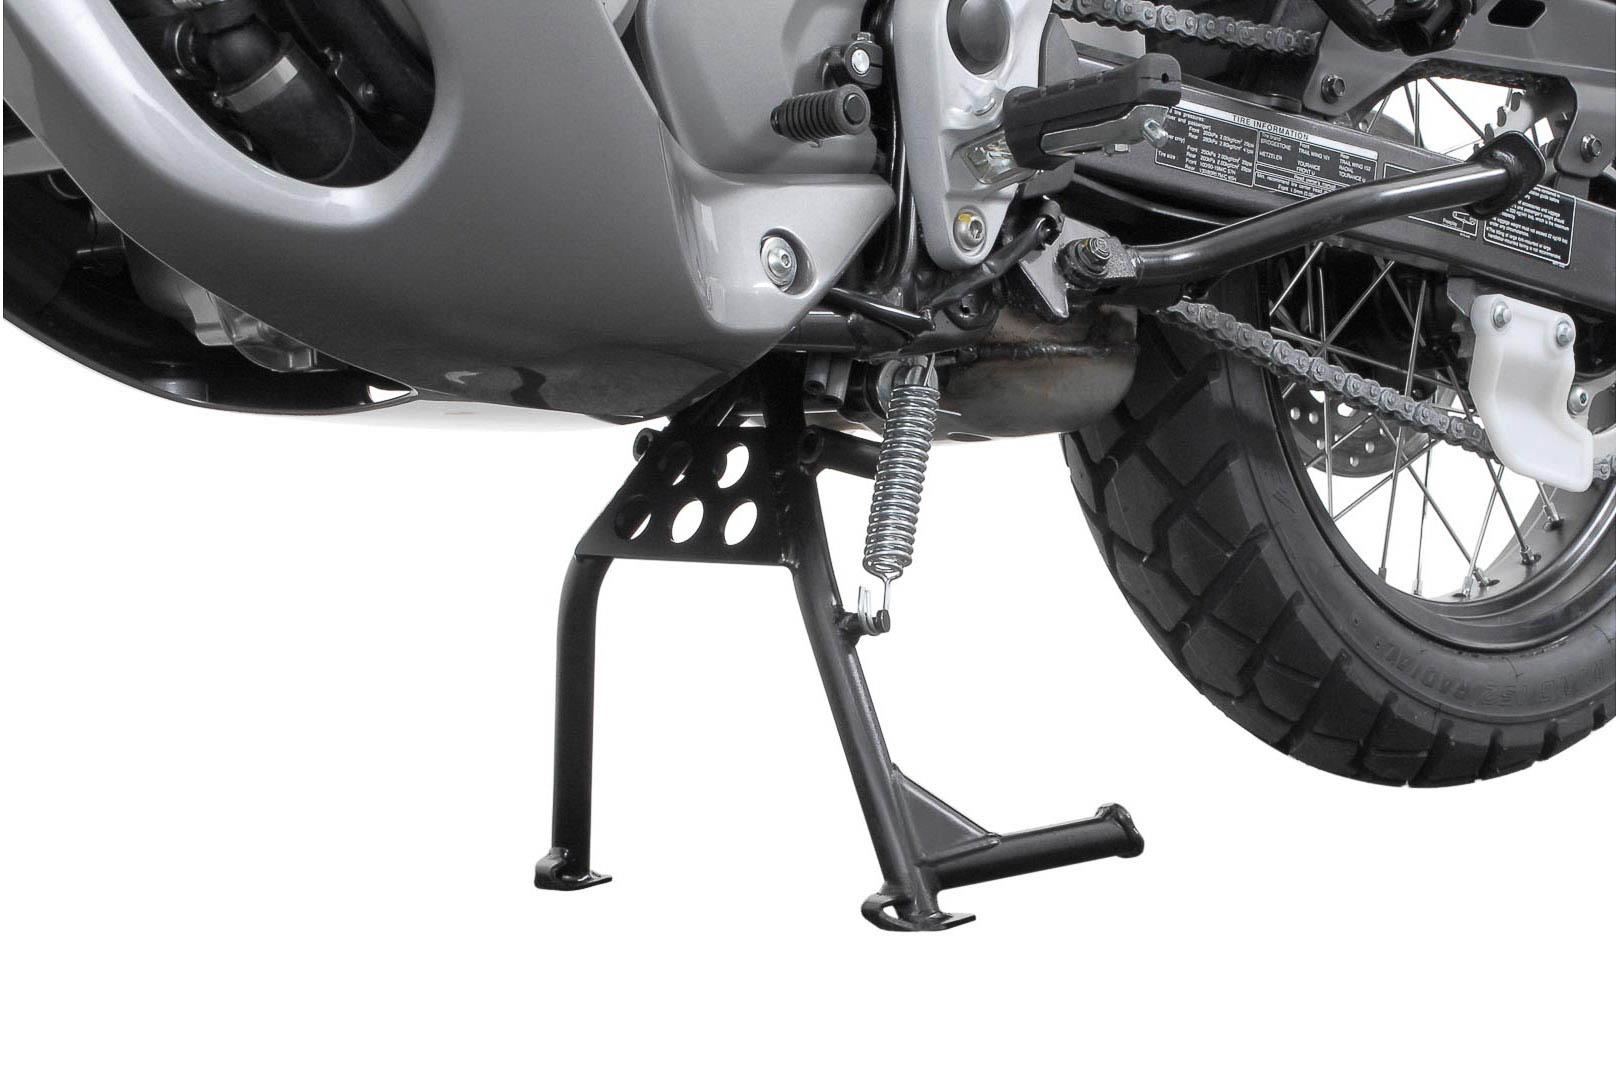 SW-Motech Keskituki Honda XL700V Transalp 08-